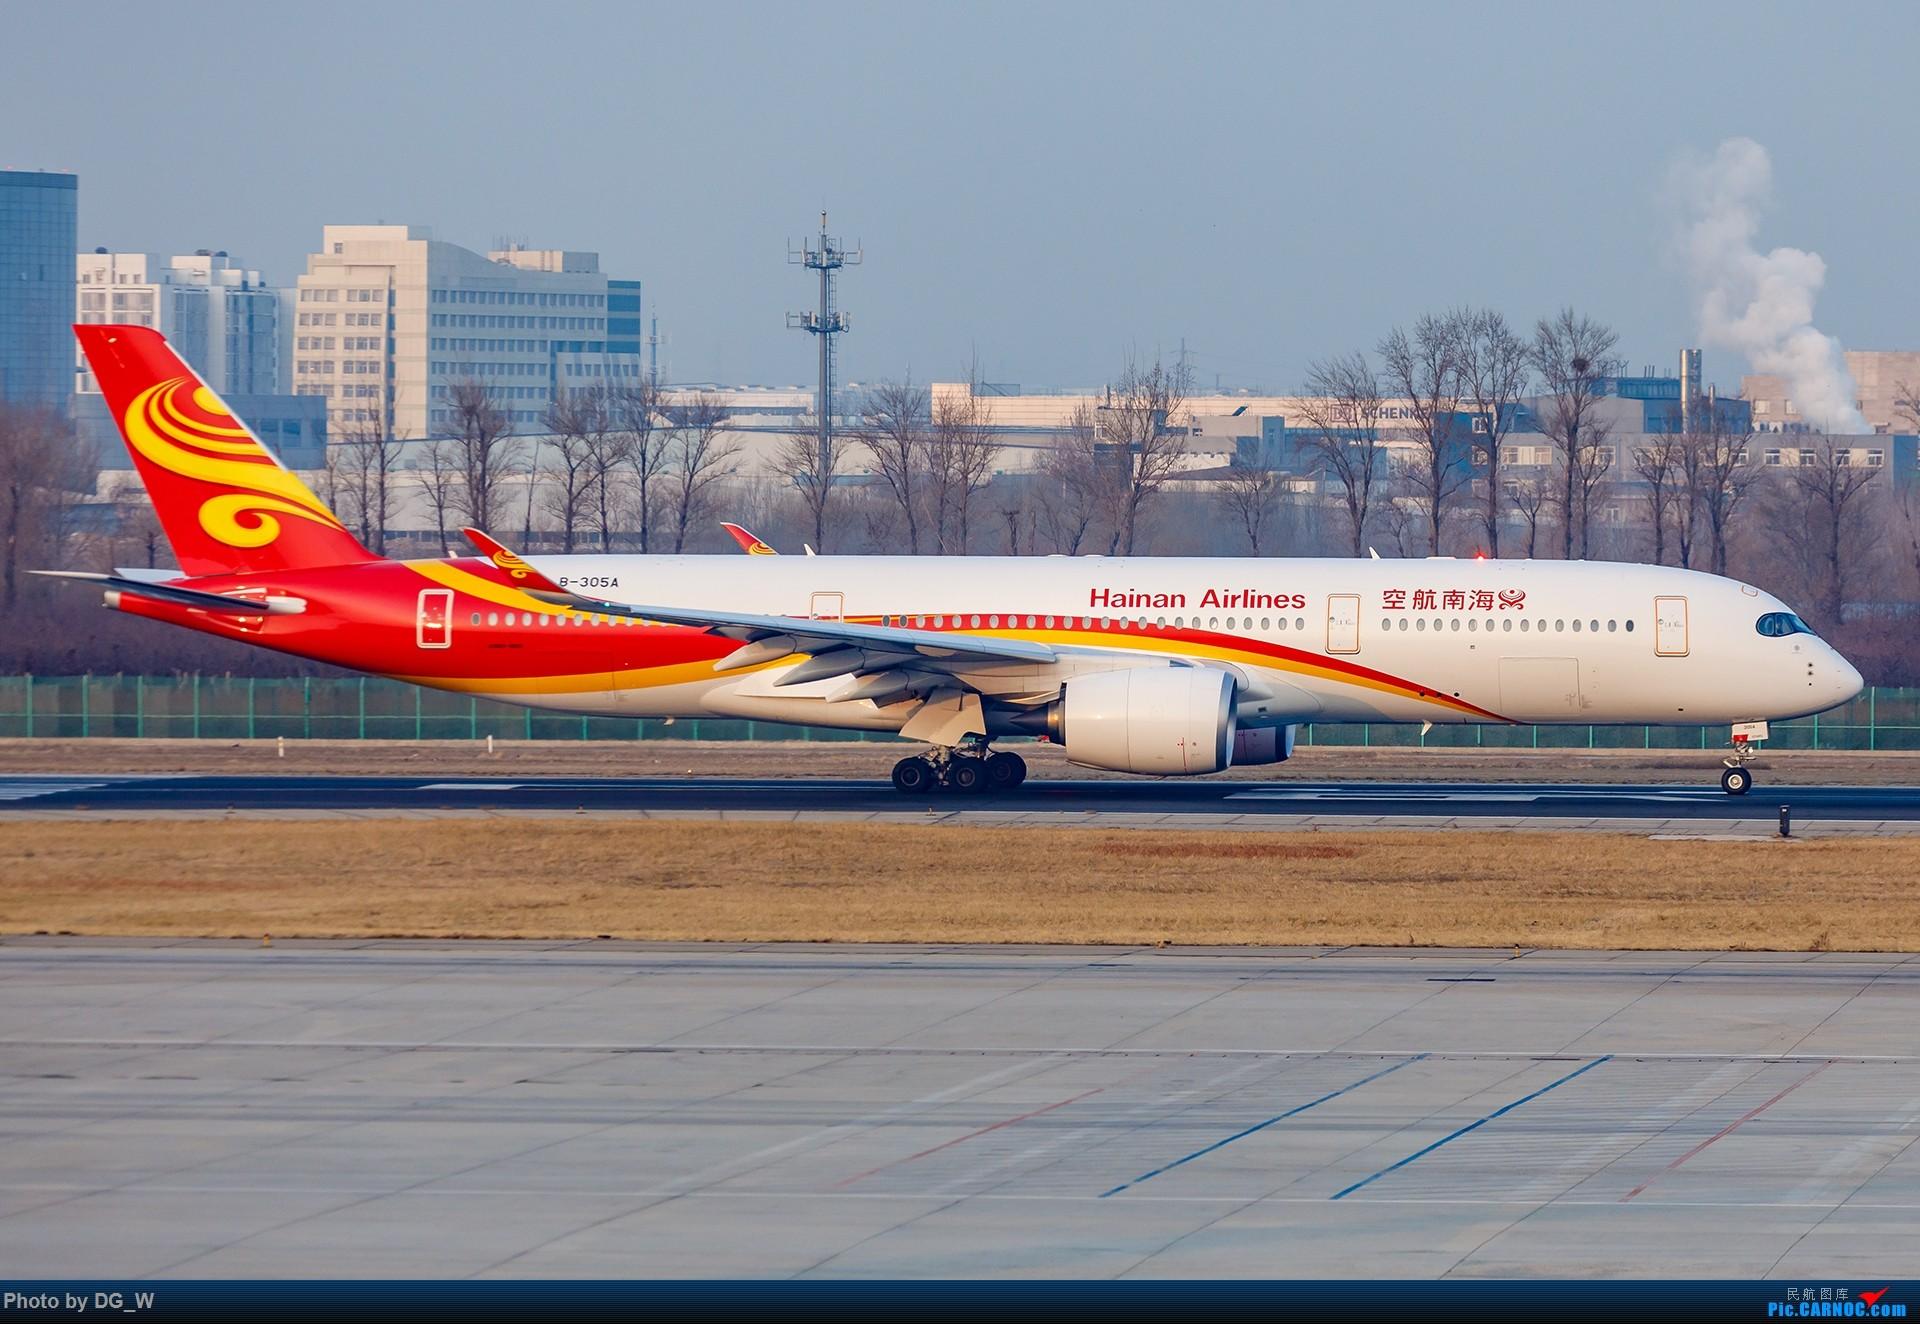 Re:[原创]【南宁飞友】一张8元机票带来的帝都之旅 AIRBUS A350-900 B-305A 中国北京首都国际机场